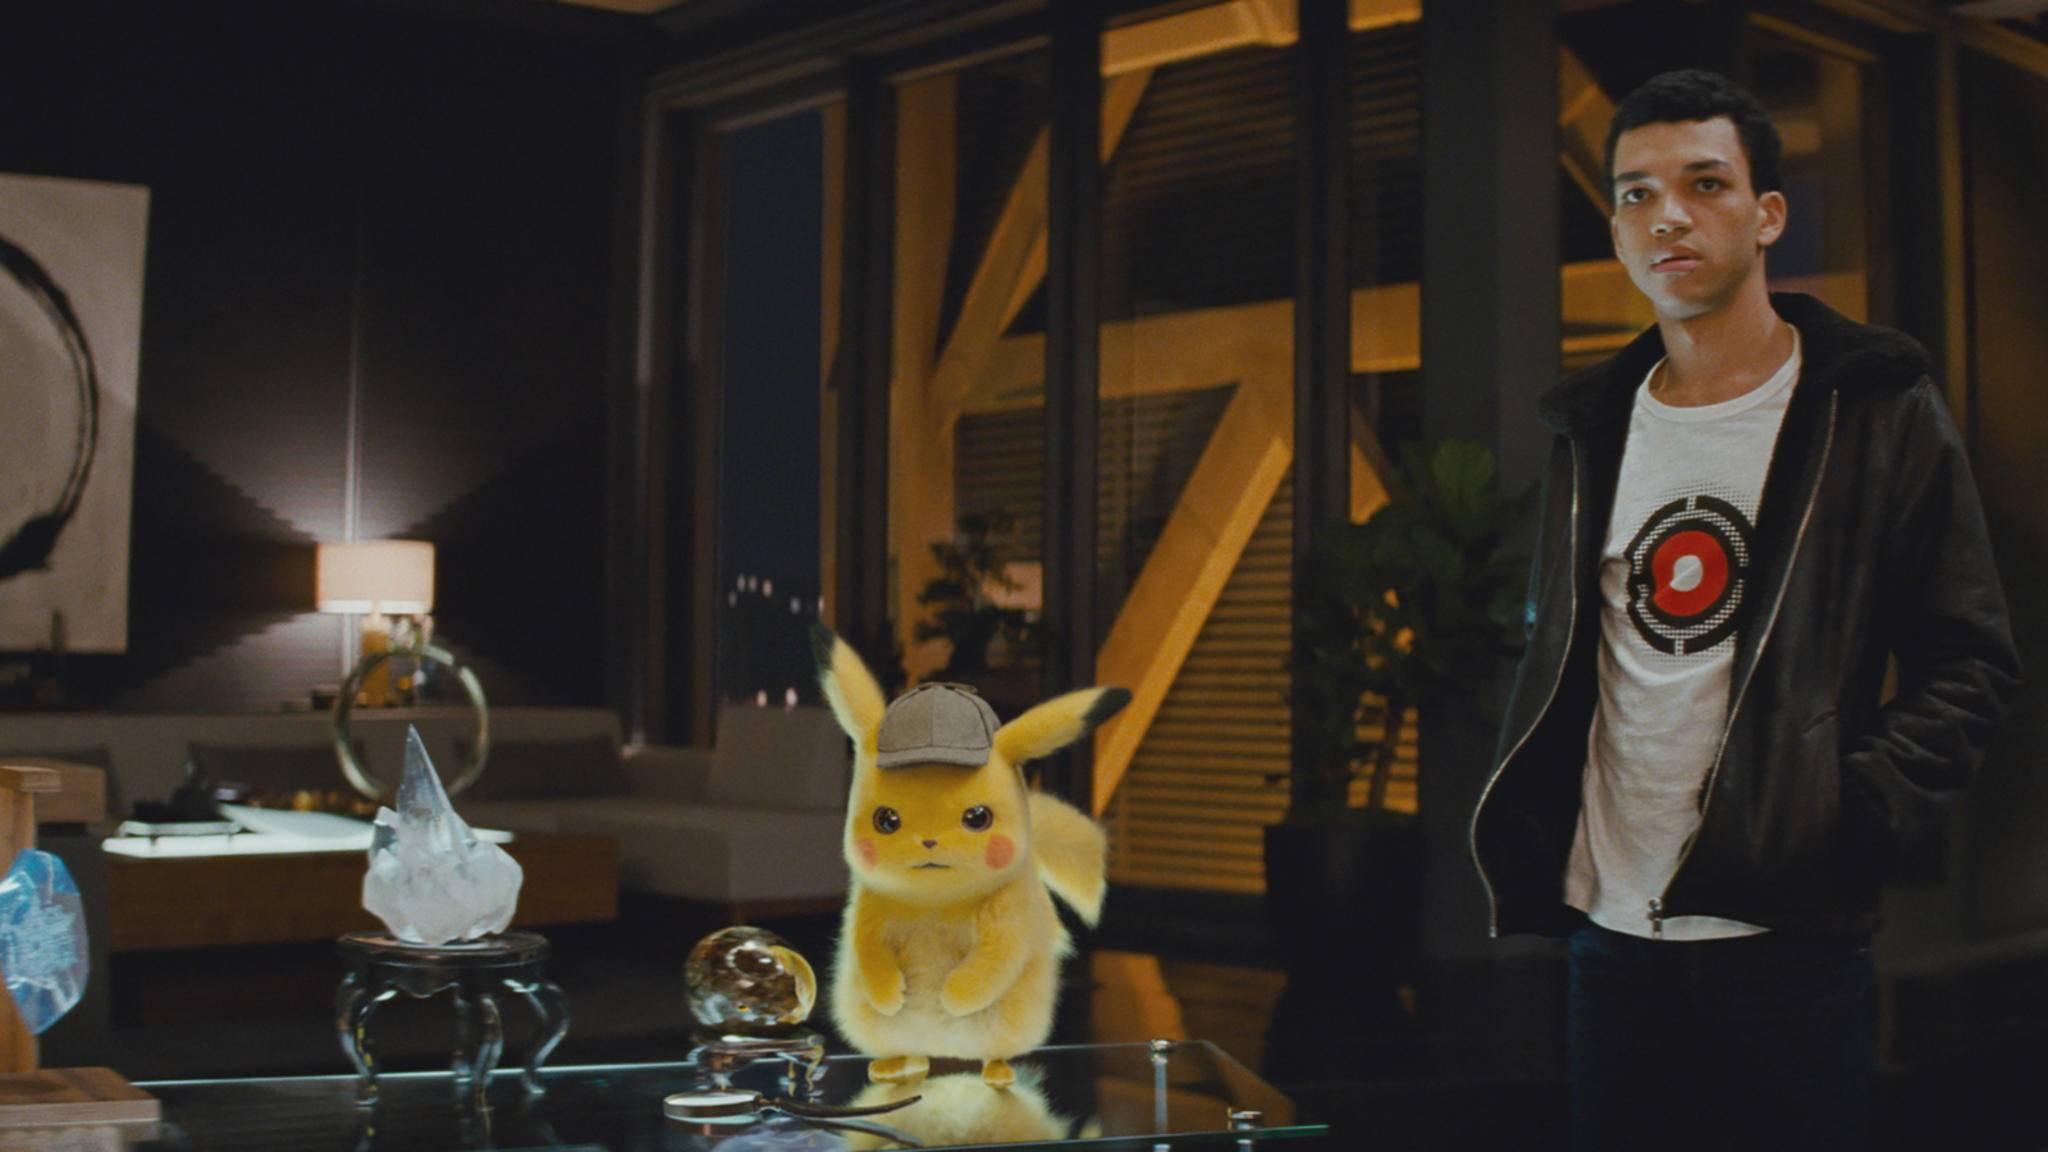 Besonders lobten die ersten Kritiker die Pikachu-Tim-Dynamik.